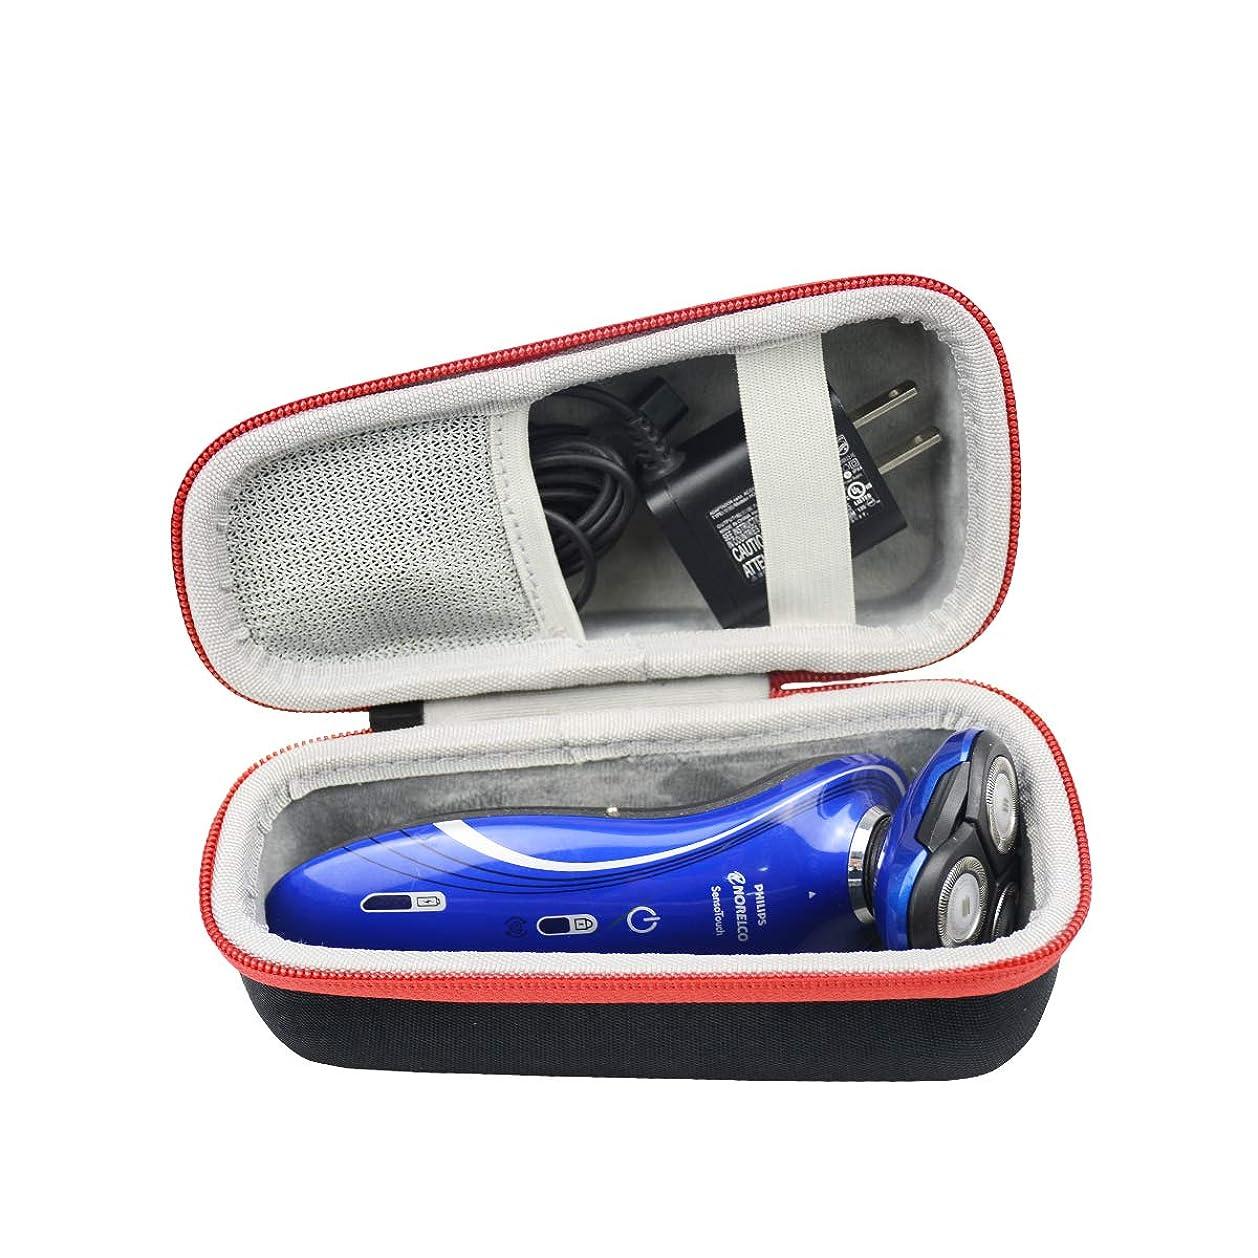 クリープクリスチャン闘争専用旅行収納 フィリップス メンズシェーバー 5000シリーズ S5390/26 S5390/12 S5397/12 S5076/06 S5212/12 S5272/12 S5251/12 S5075/06 S5050/05 スーパー便利な ハードケースバッグ - SANVSEN